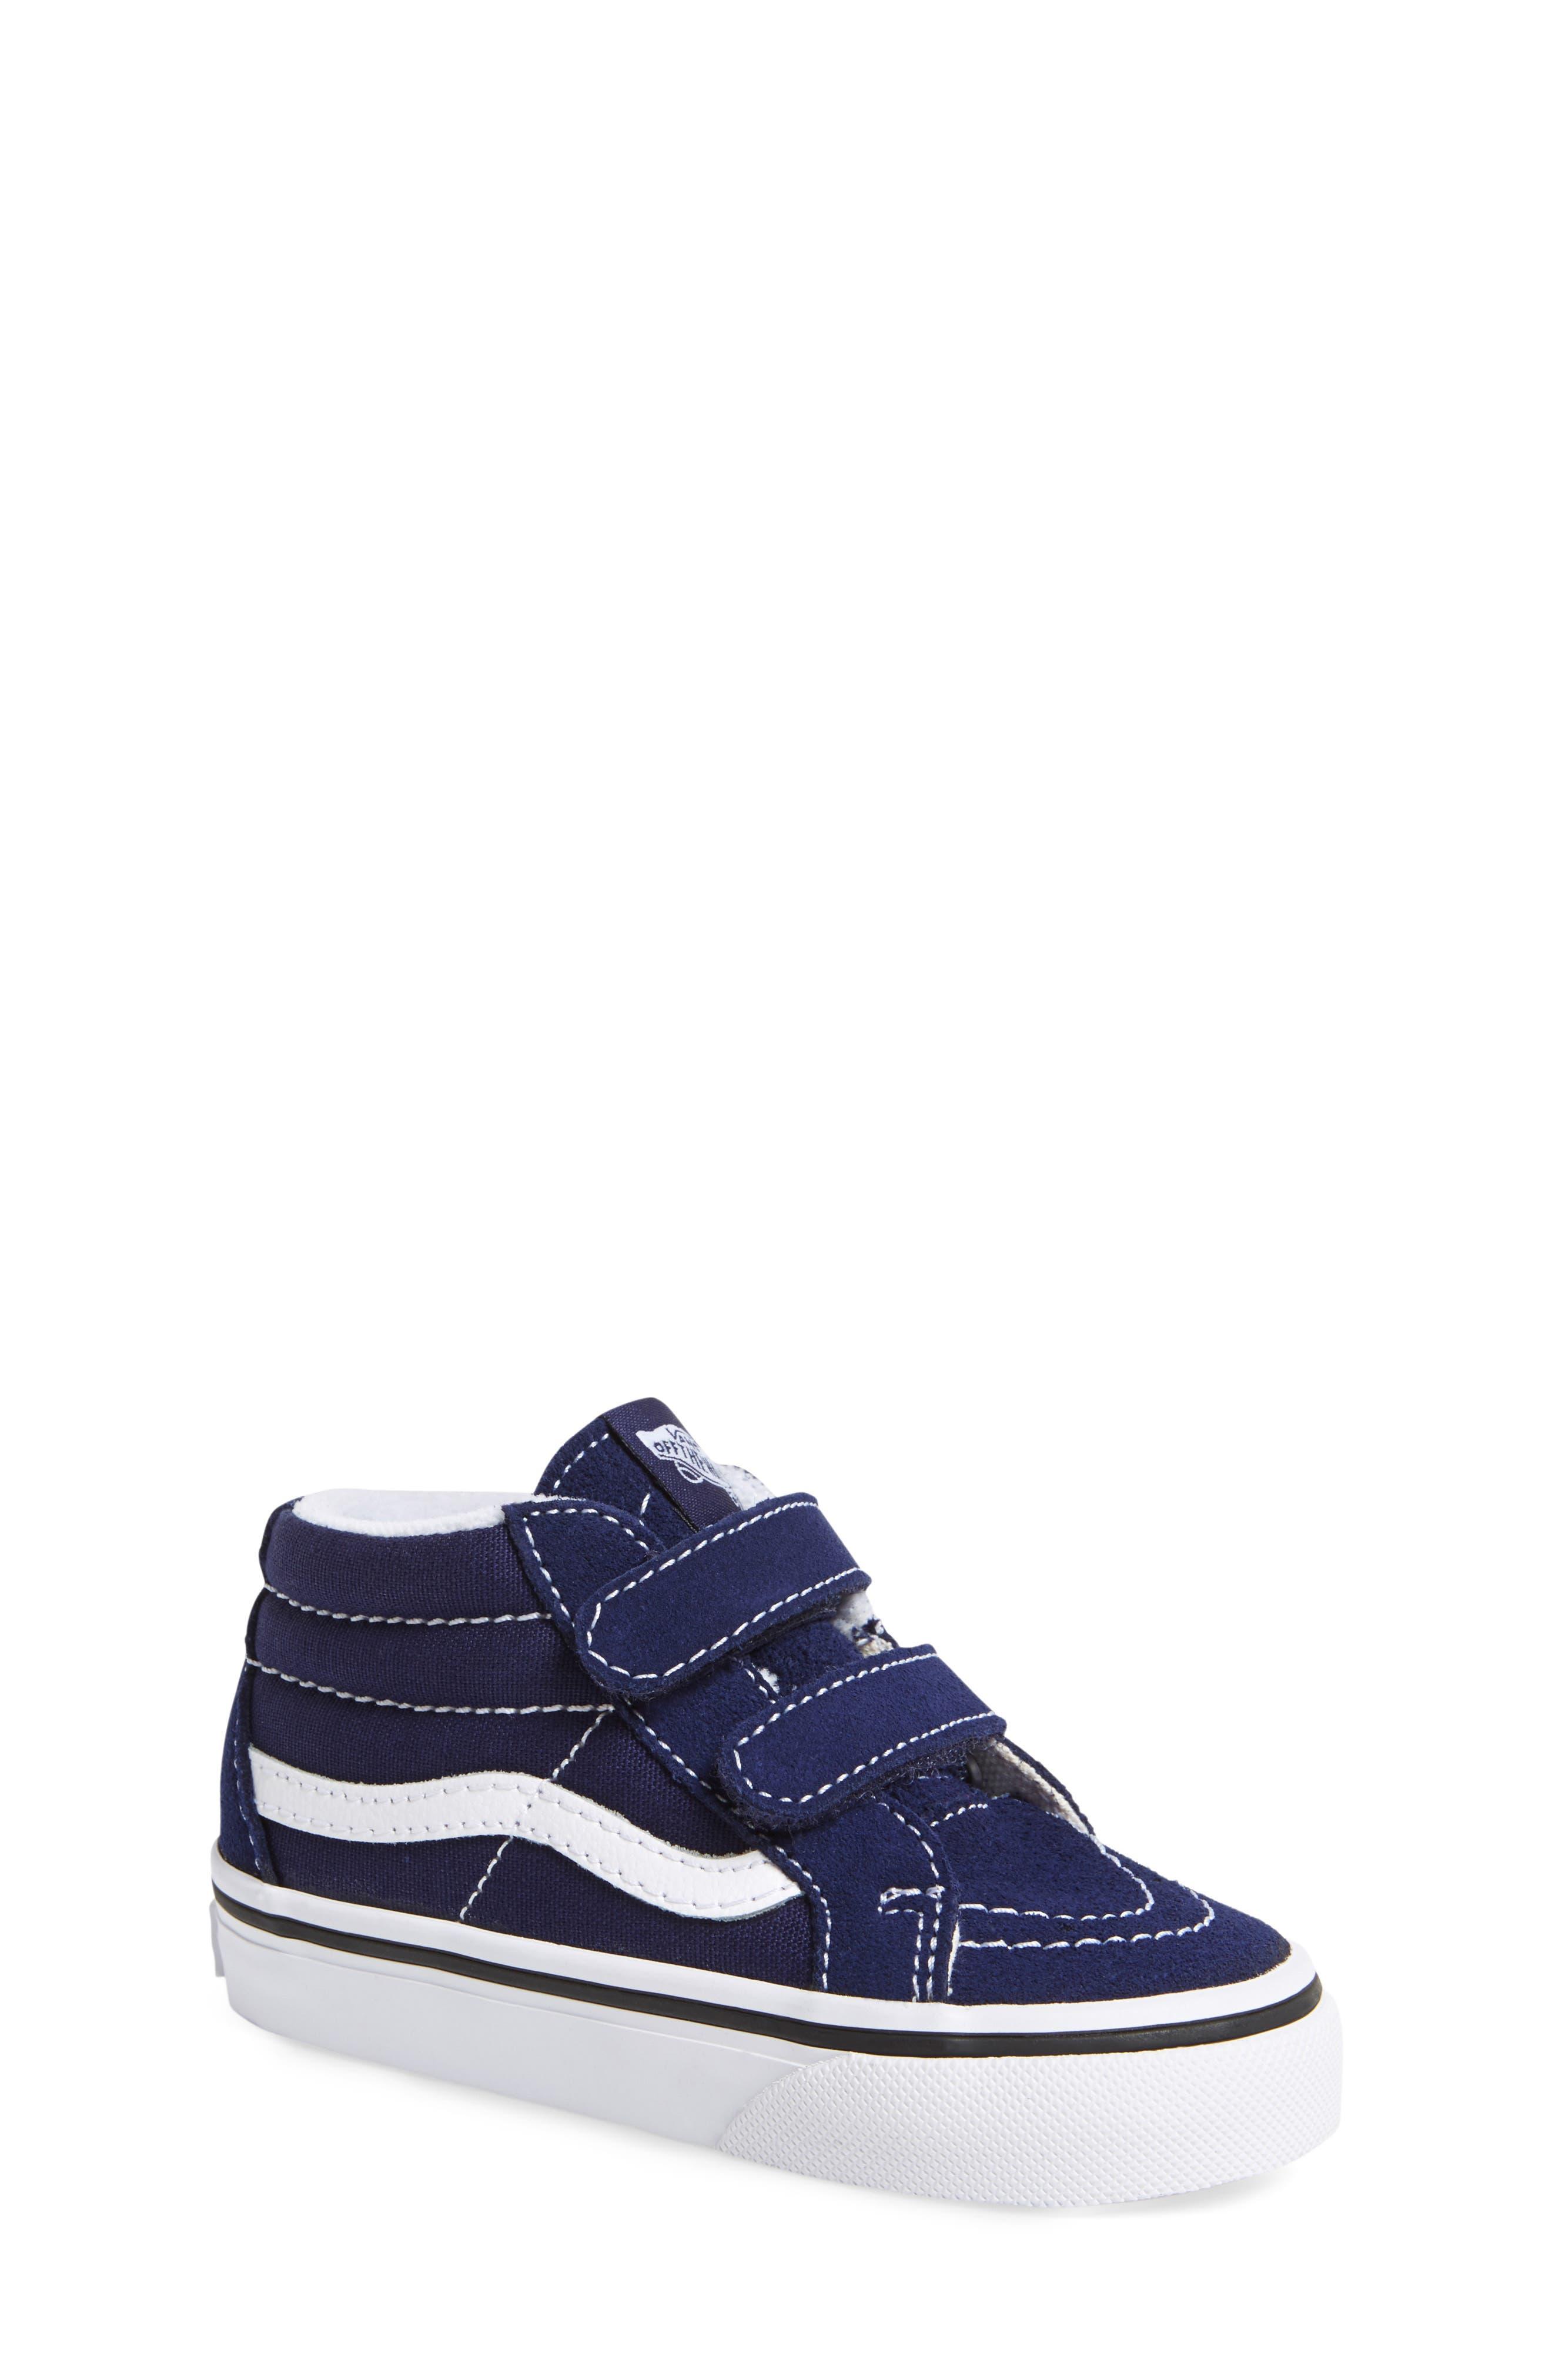 'Sk8-Hi Reissue V' Sneaker,                             Alternate thumbnail 3, color,                             Patriot Blue/ True White